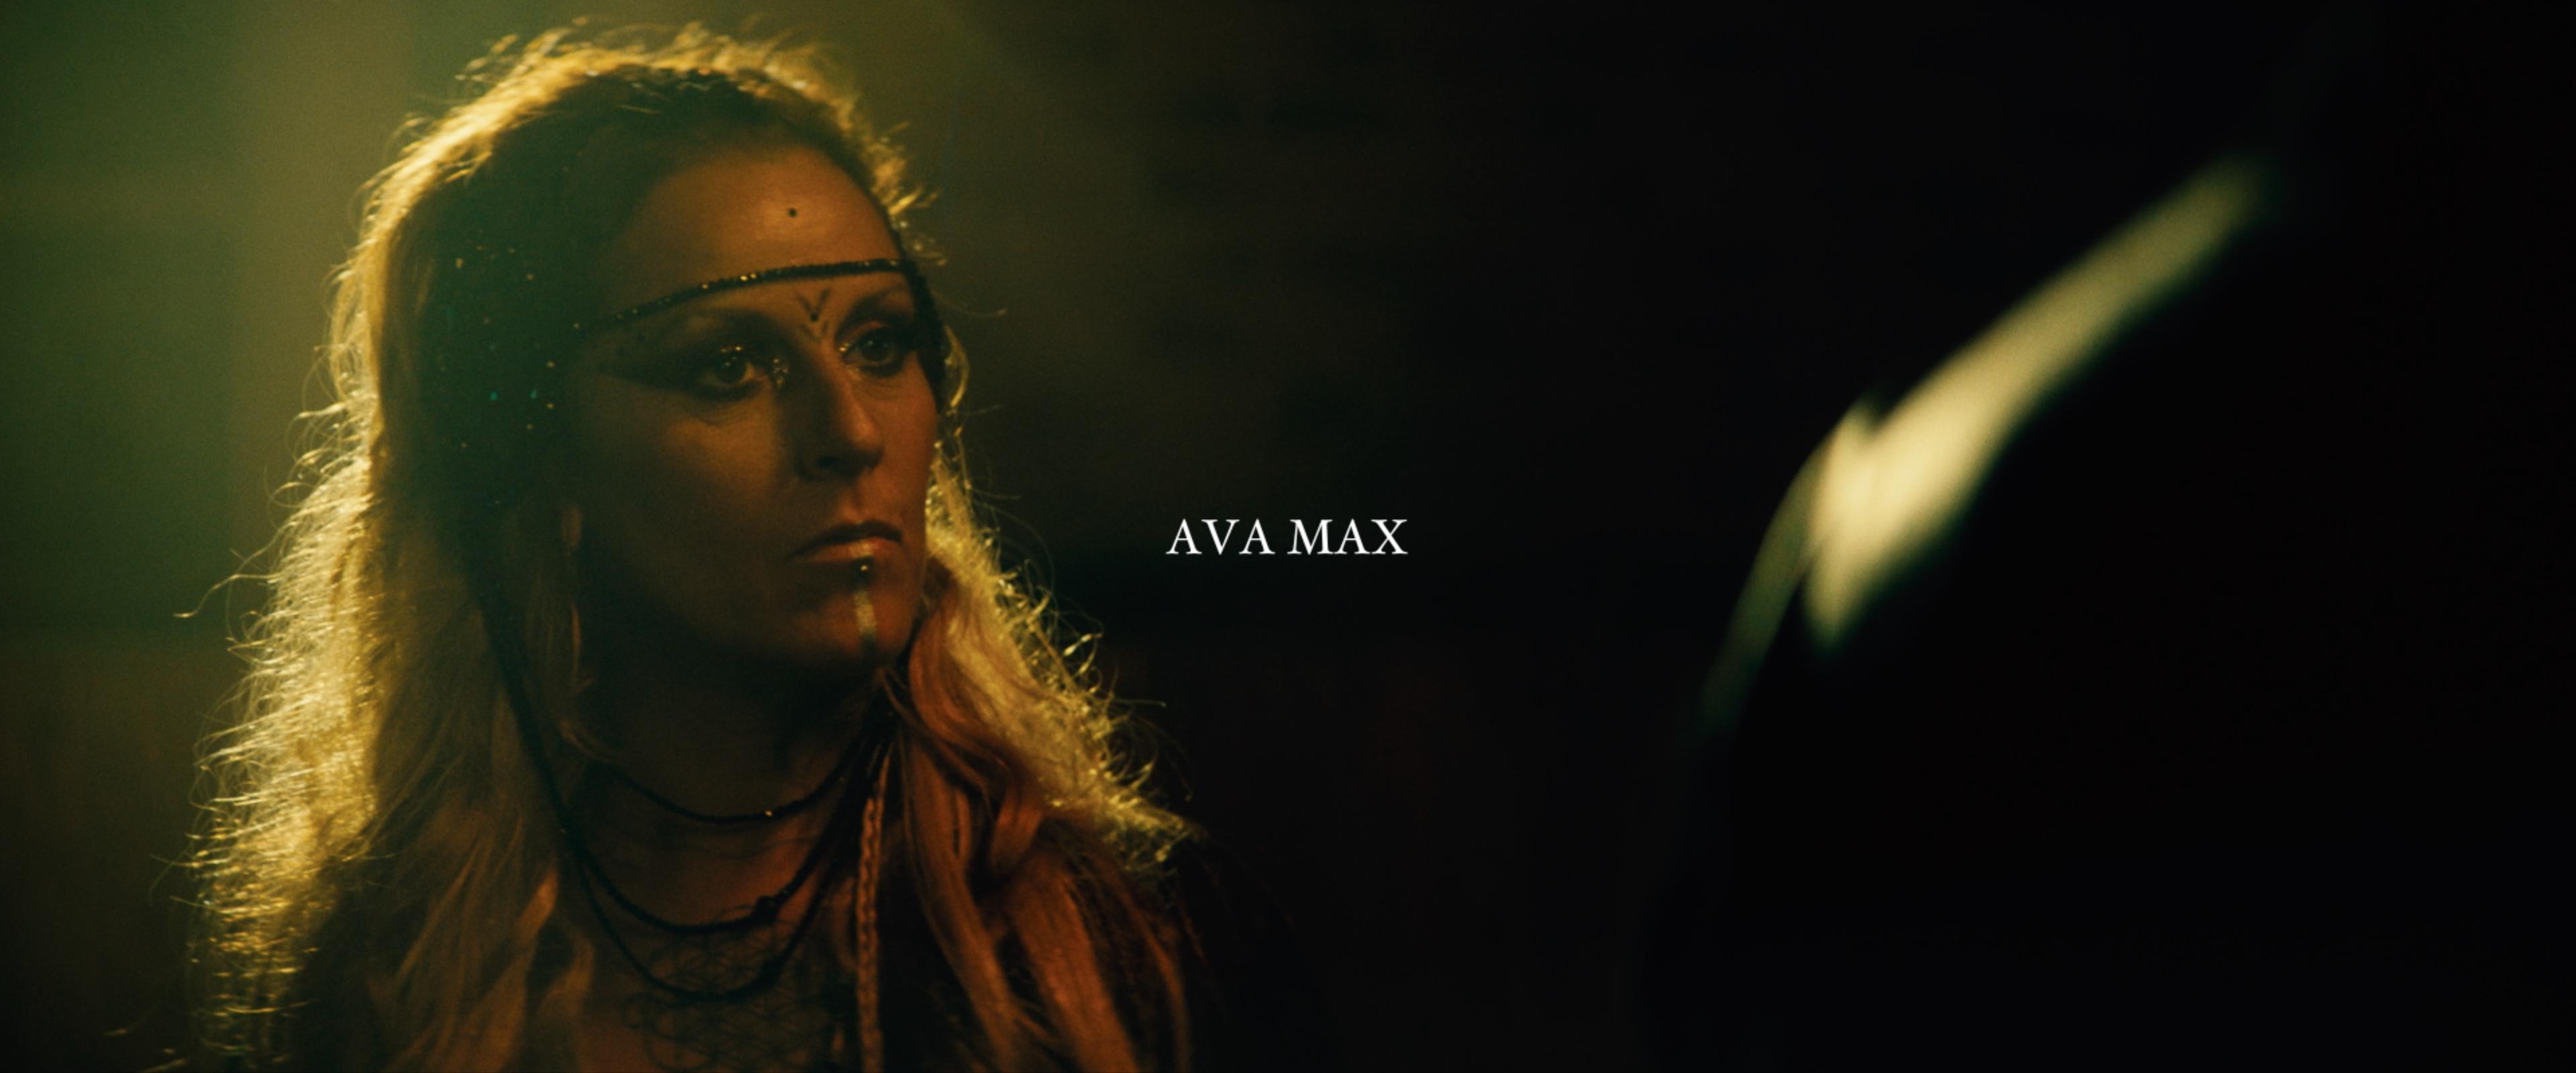 Pablo Alboran Ava Max Santiago Salviche Tabu-7